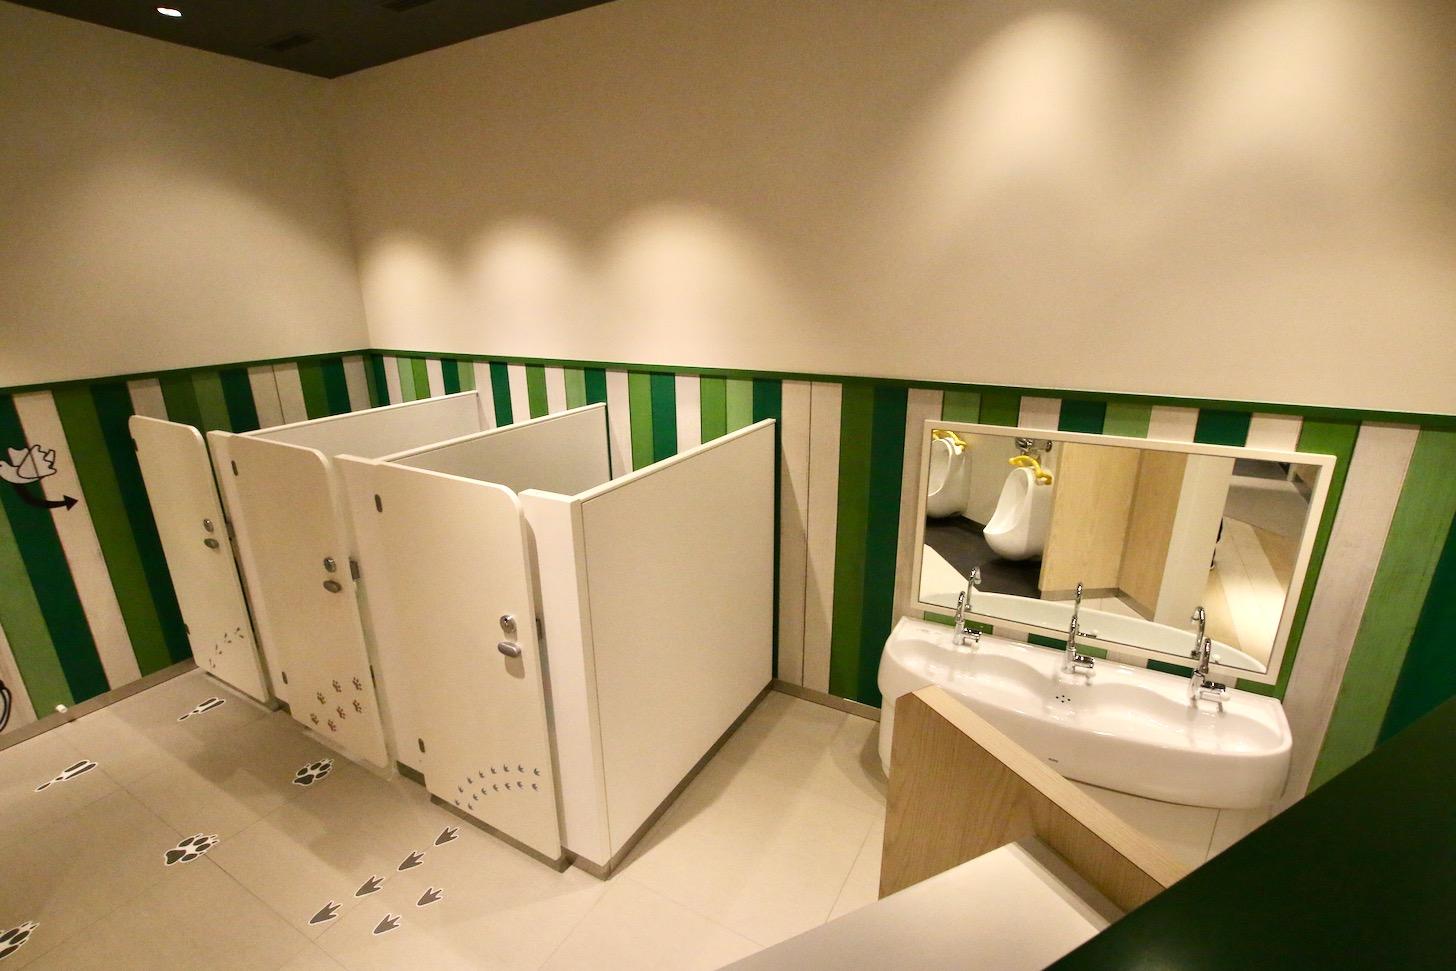 南町田グランベリーパーク キッズ向けトイレ キッズトイレ